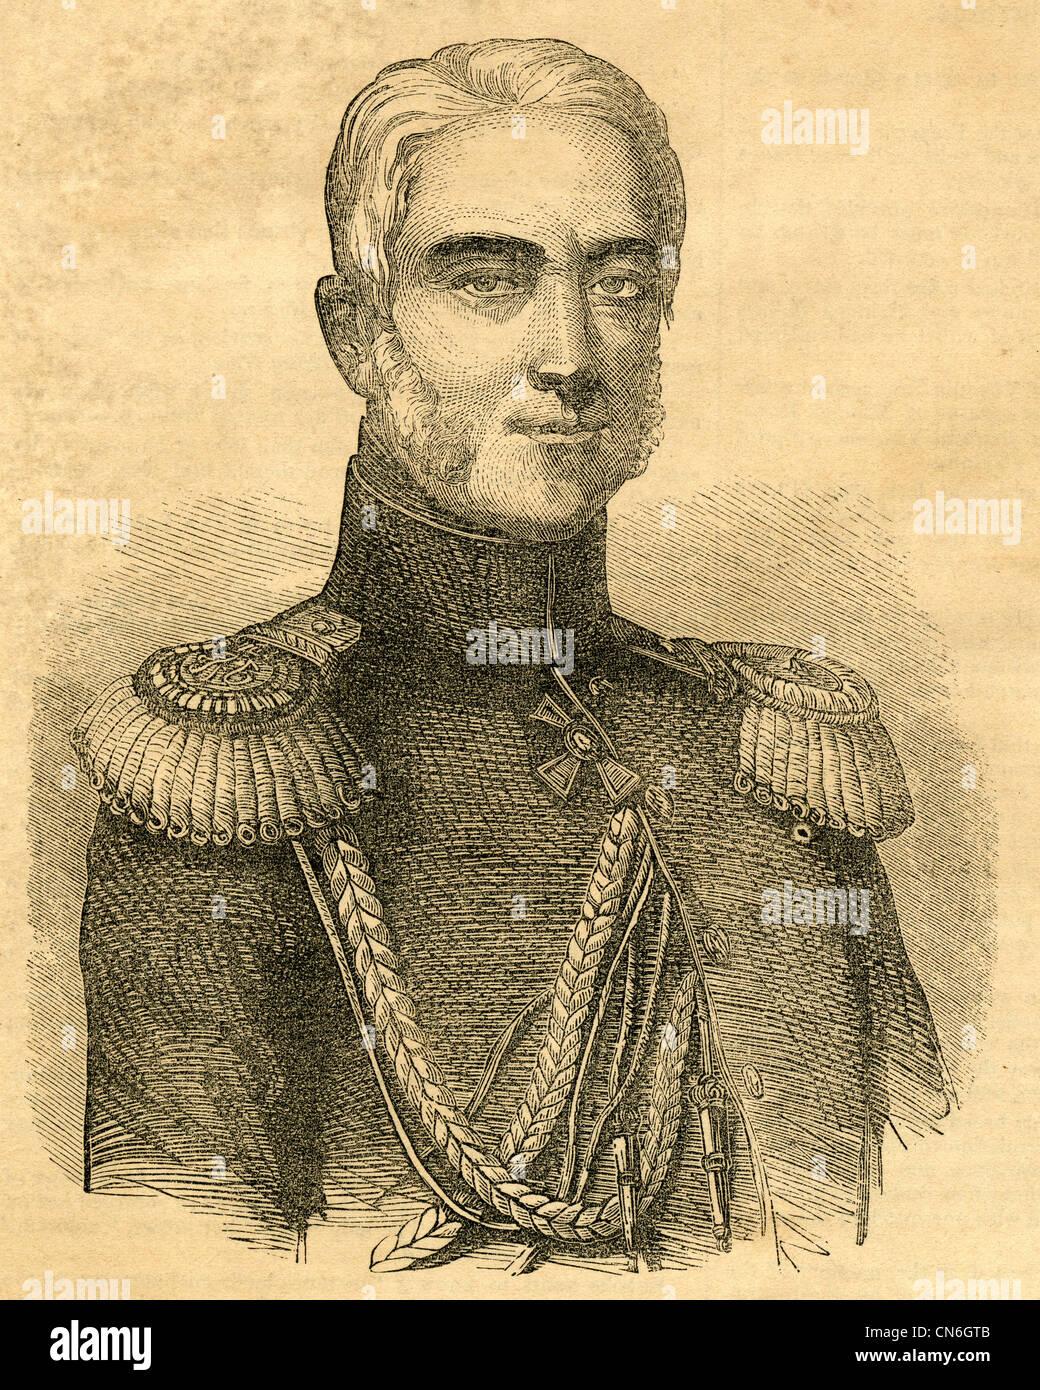 1854 engraving, Prince Mikhail Semyonovich Vorontsov (1782-1856). - Stock Image